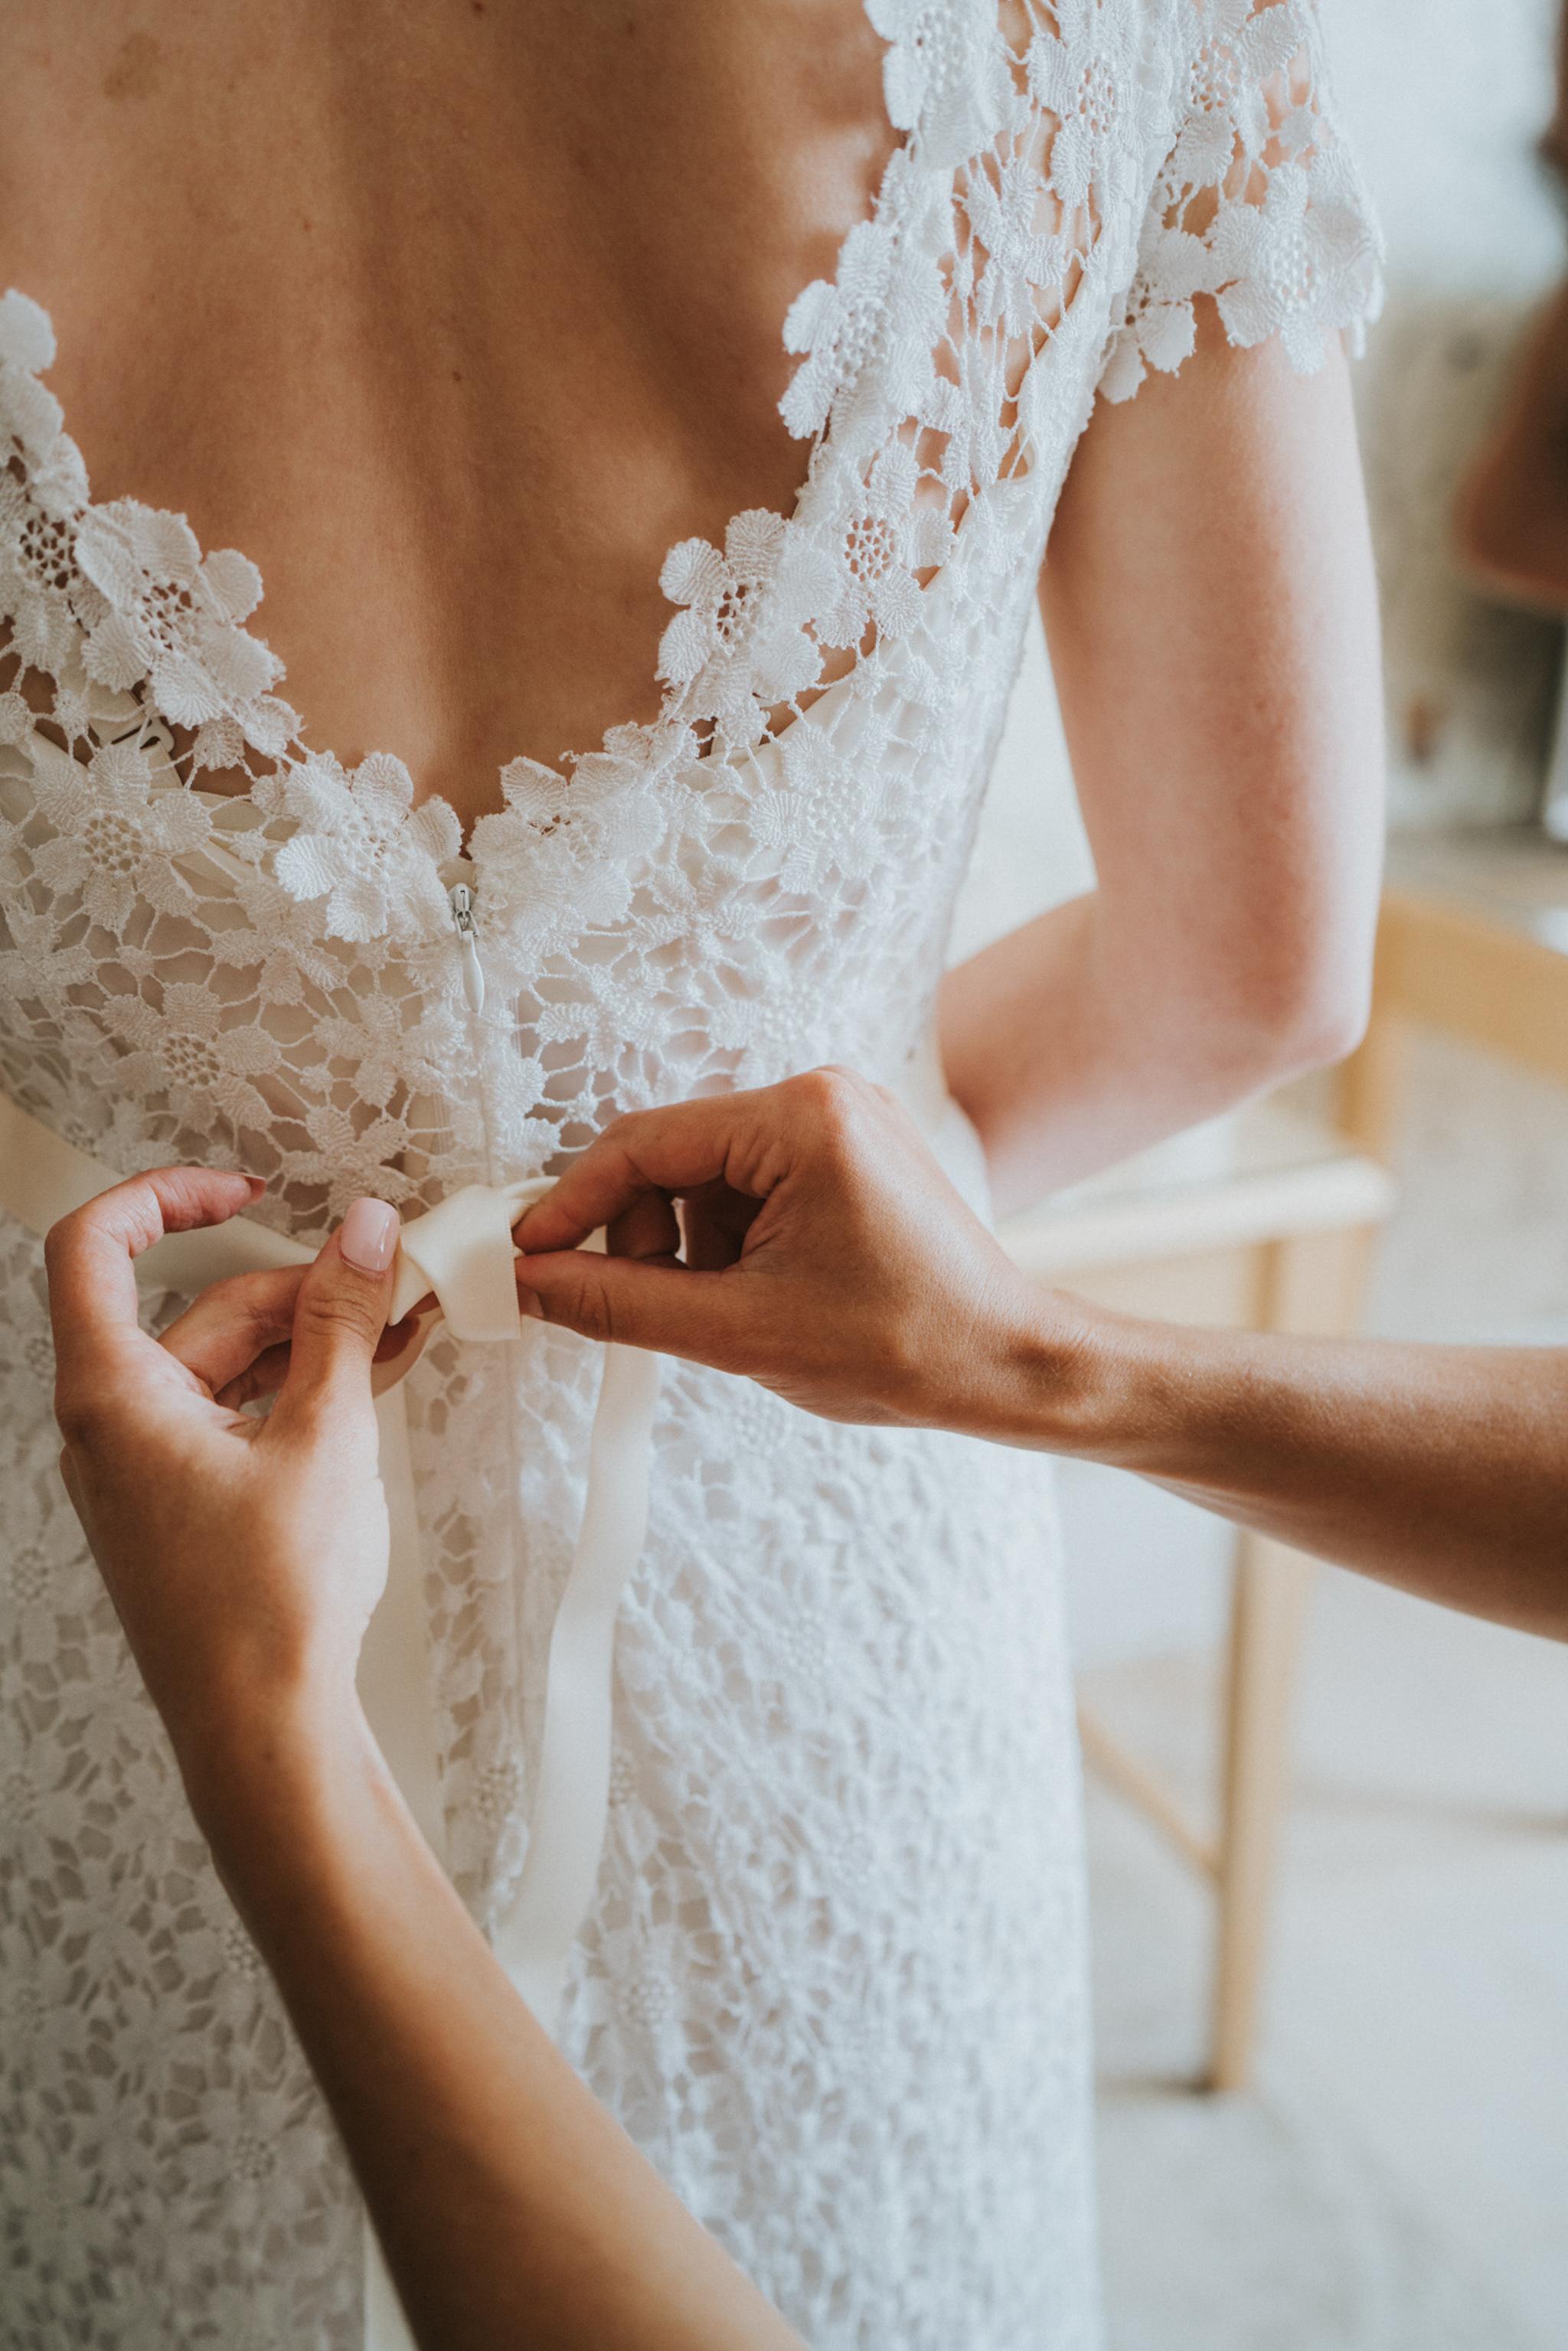 grace-elizabeth-essex-wedding-photographer-best-2018-highlights-norfolk-essex-devon-suffolk (41 of 100).jpg